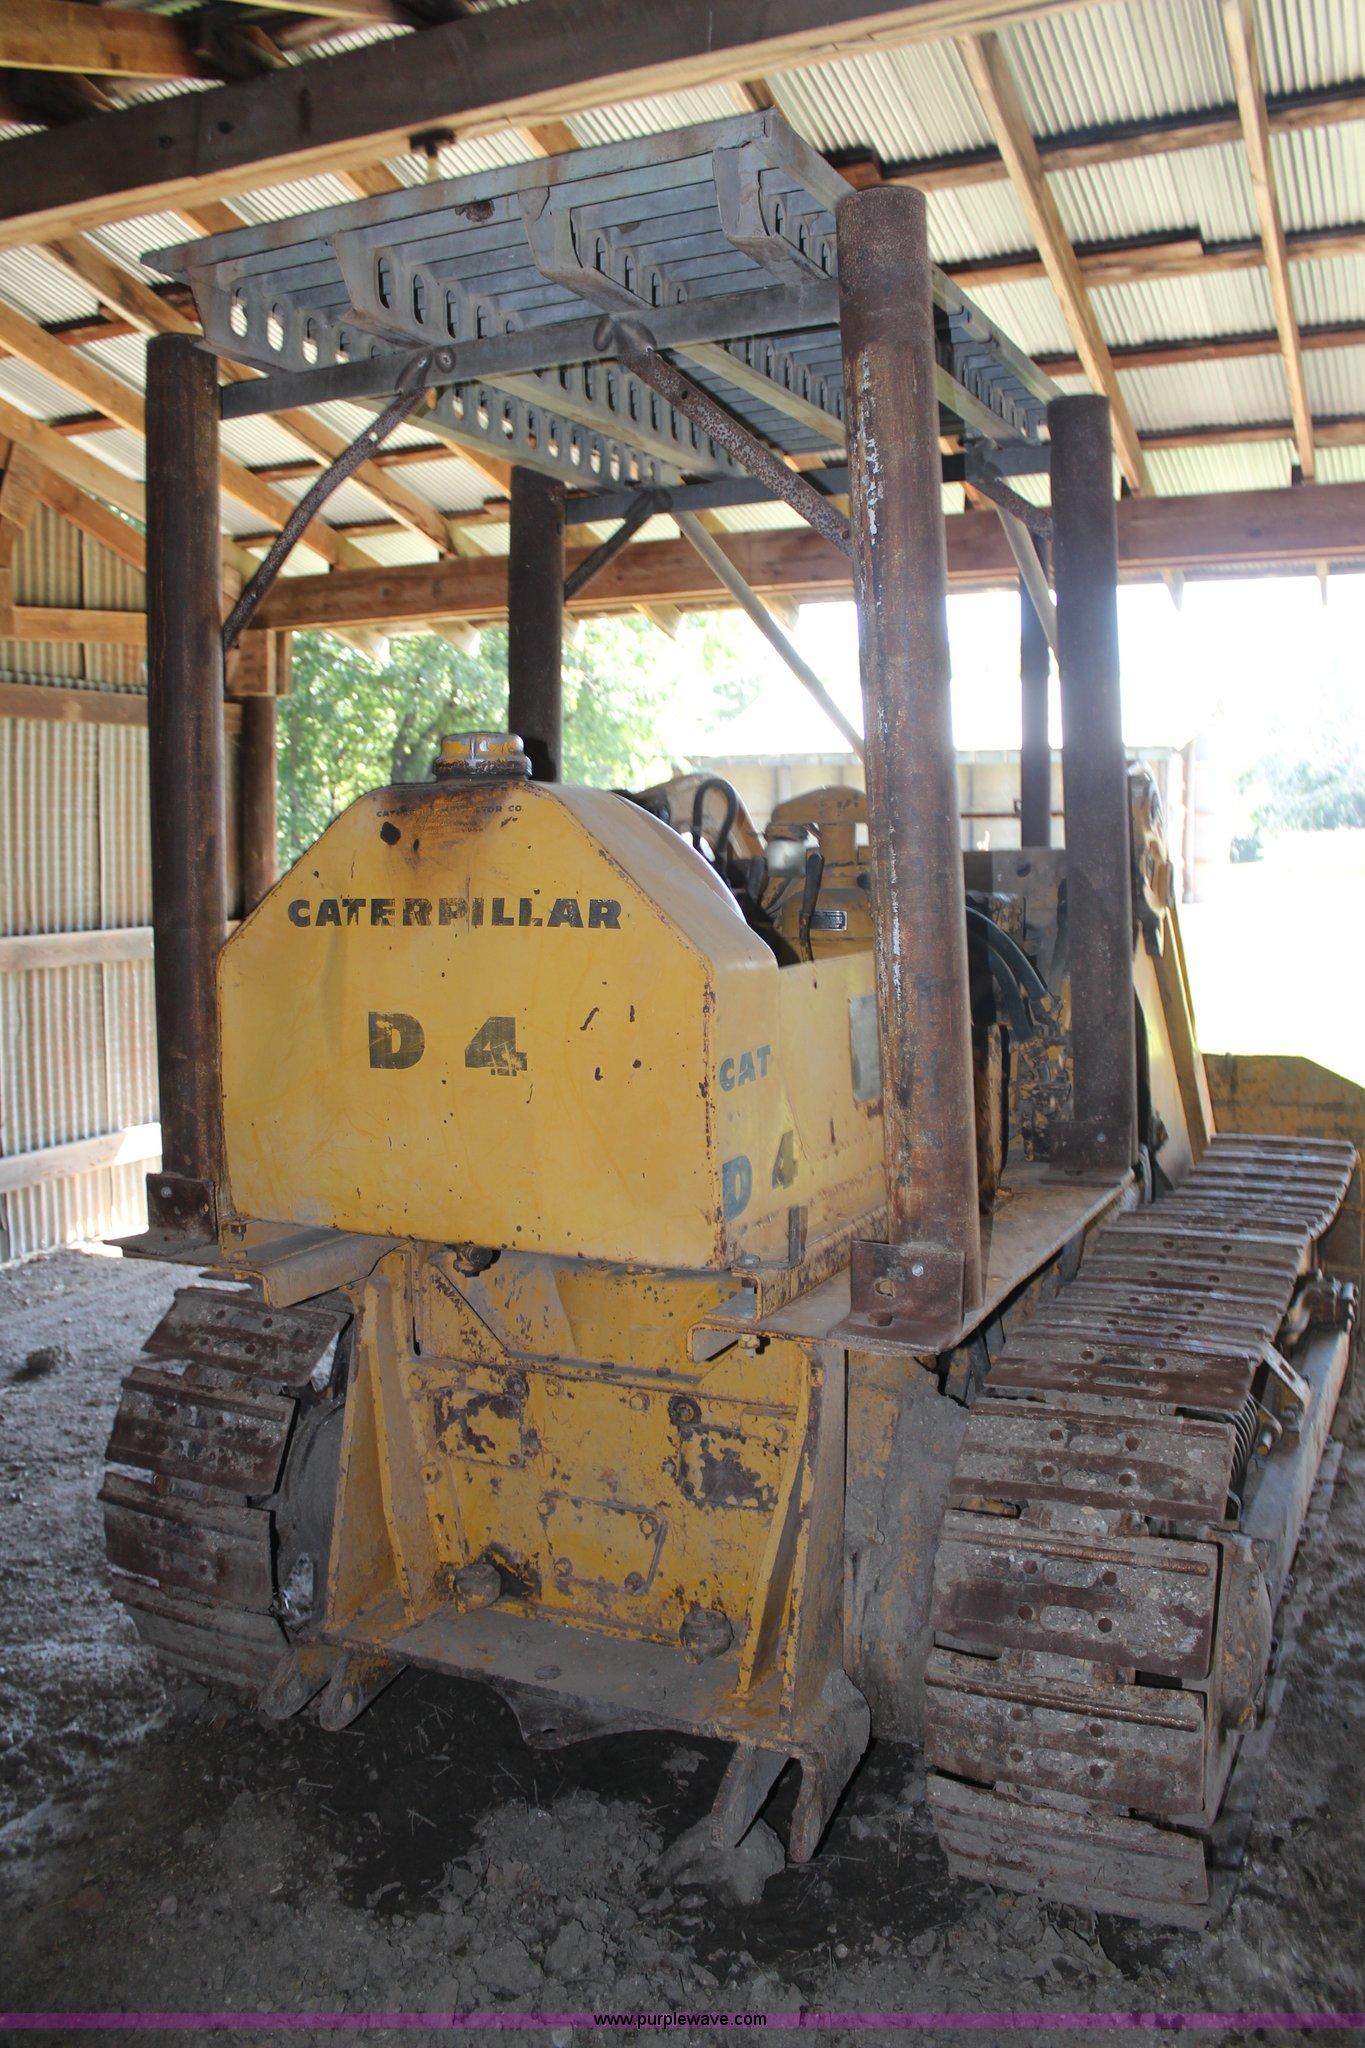 Caterpillar D4 track loader | Item H6993 | SOLD! December 19